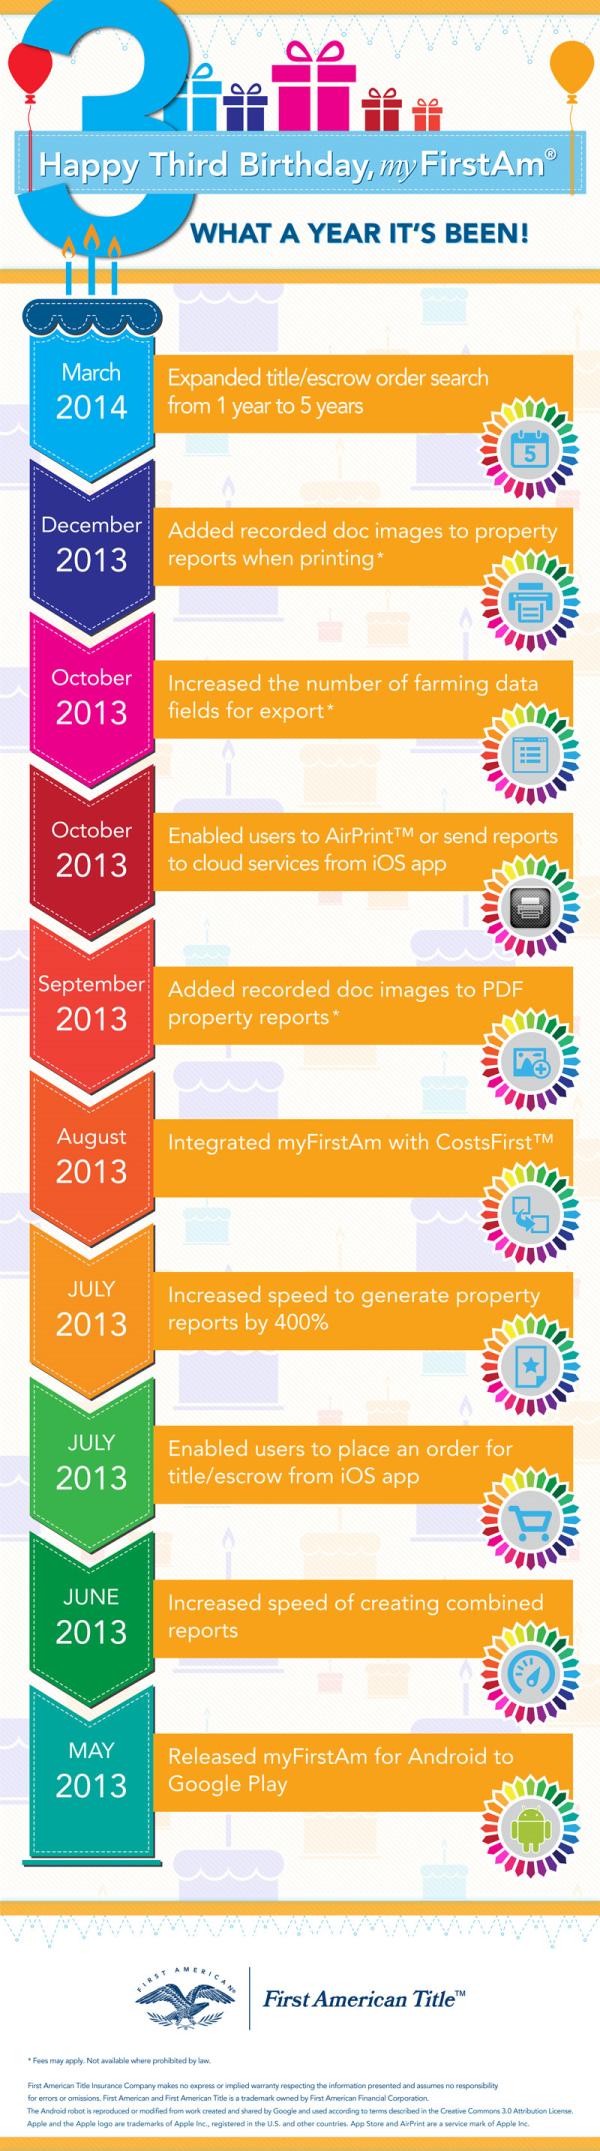 myfirstam title insurance settlement services technology